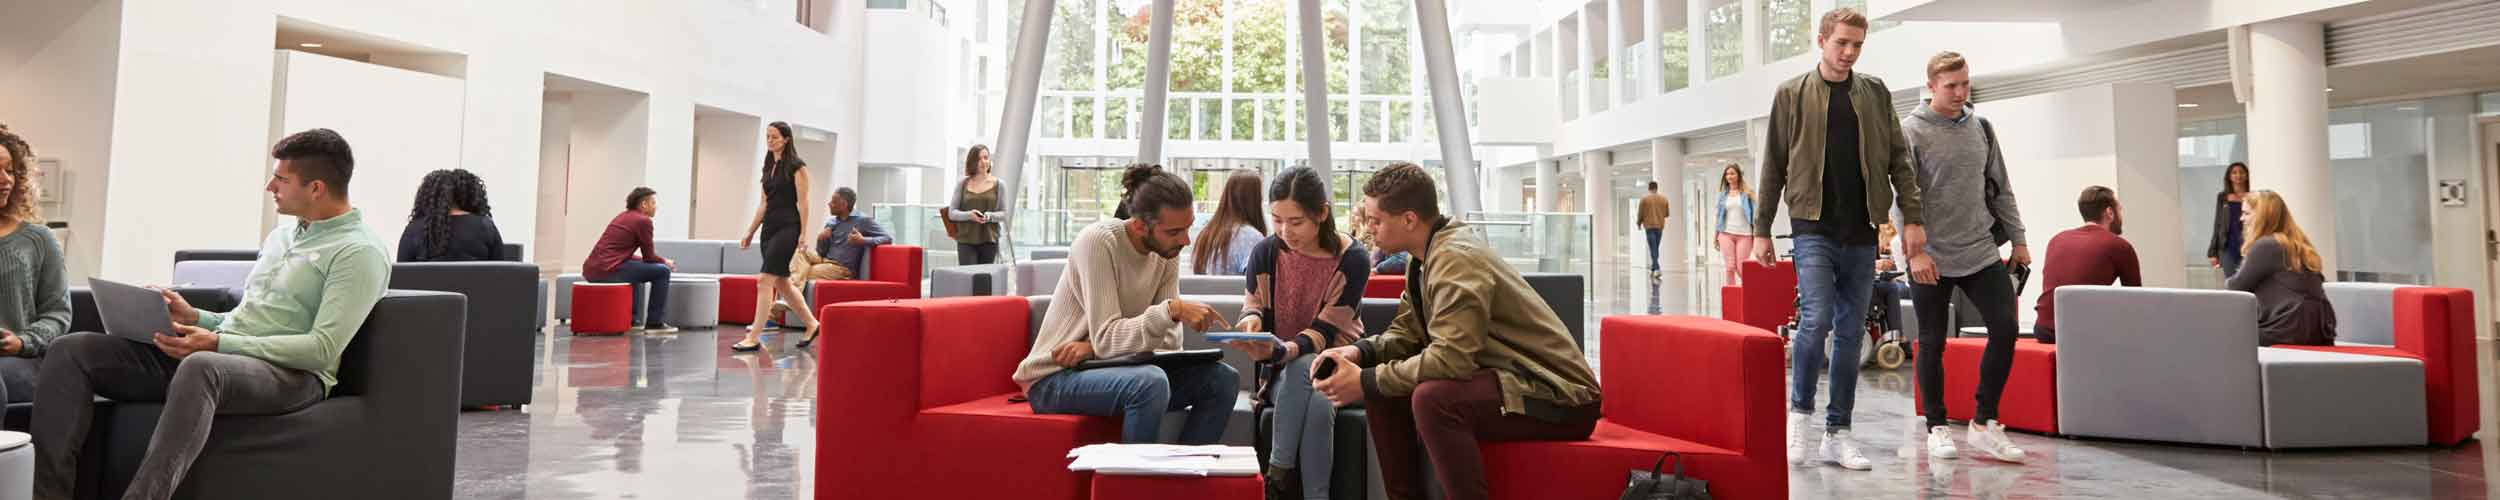 universities_top-img